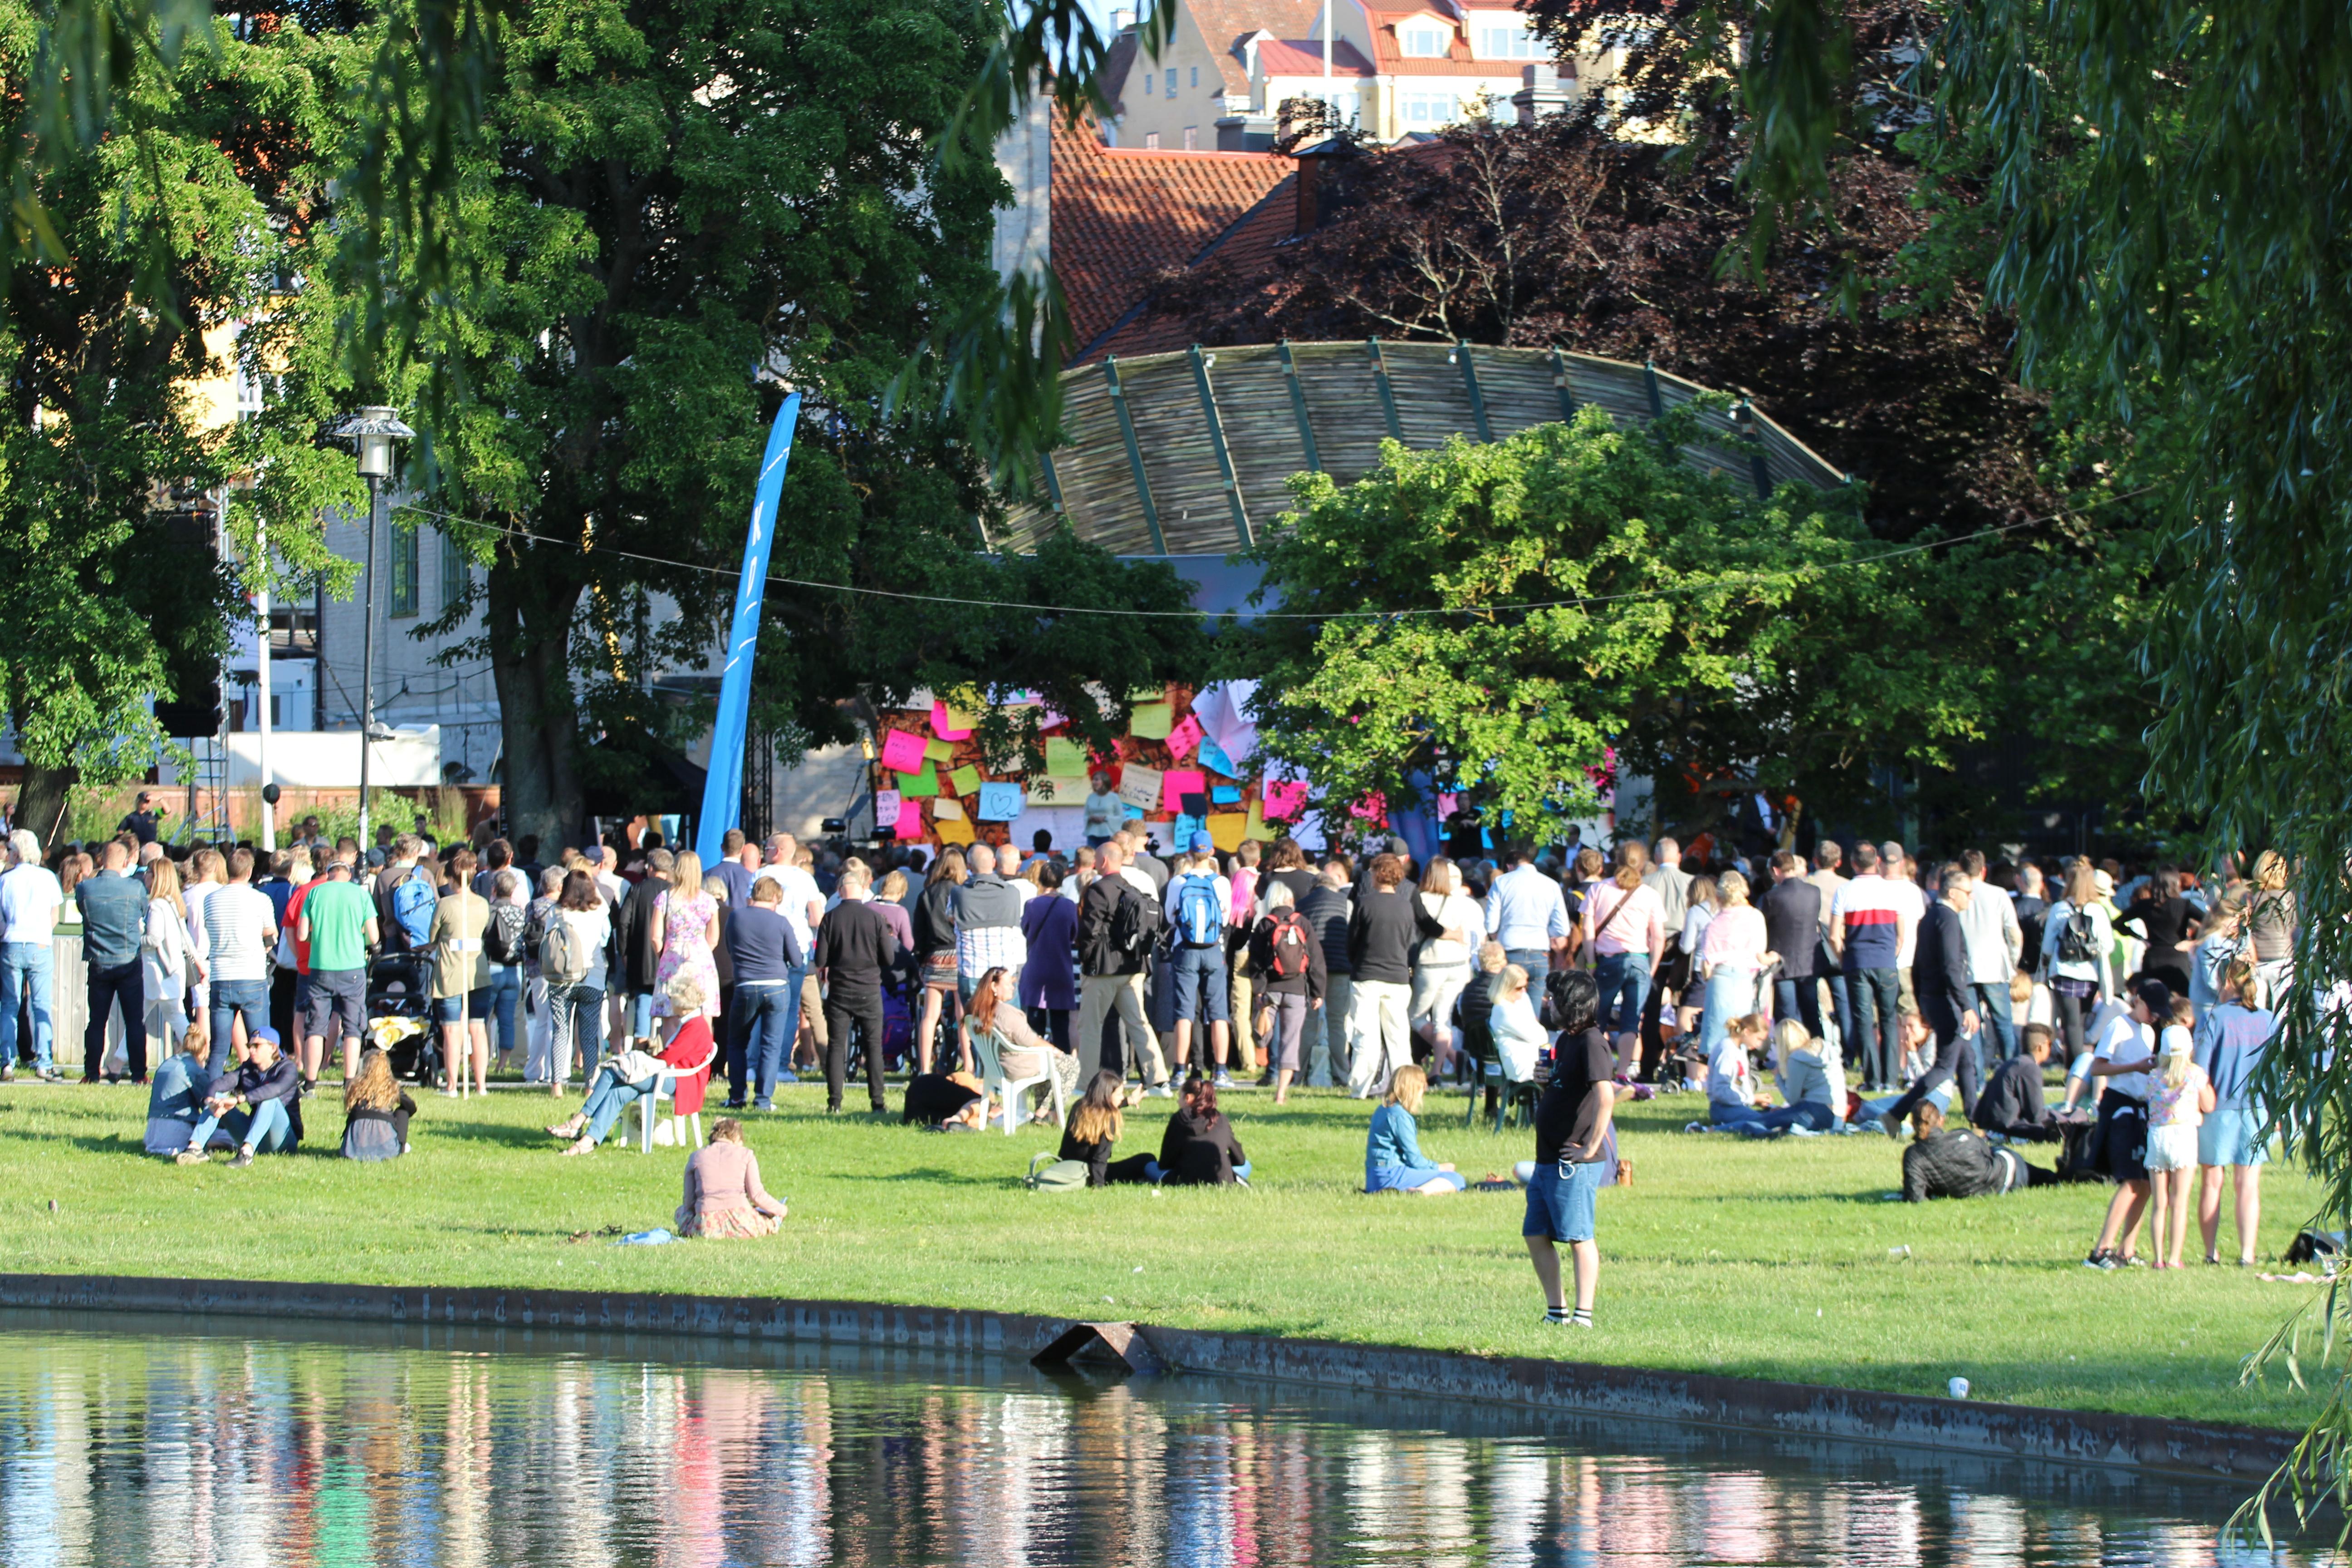 Massa människor på en gräsmatta, i bakgrunden syns en scen.